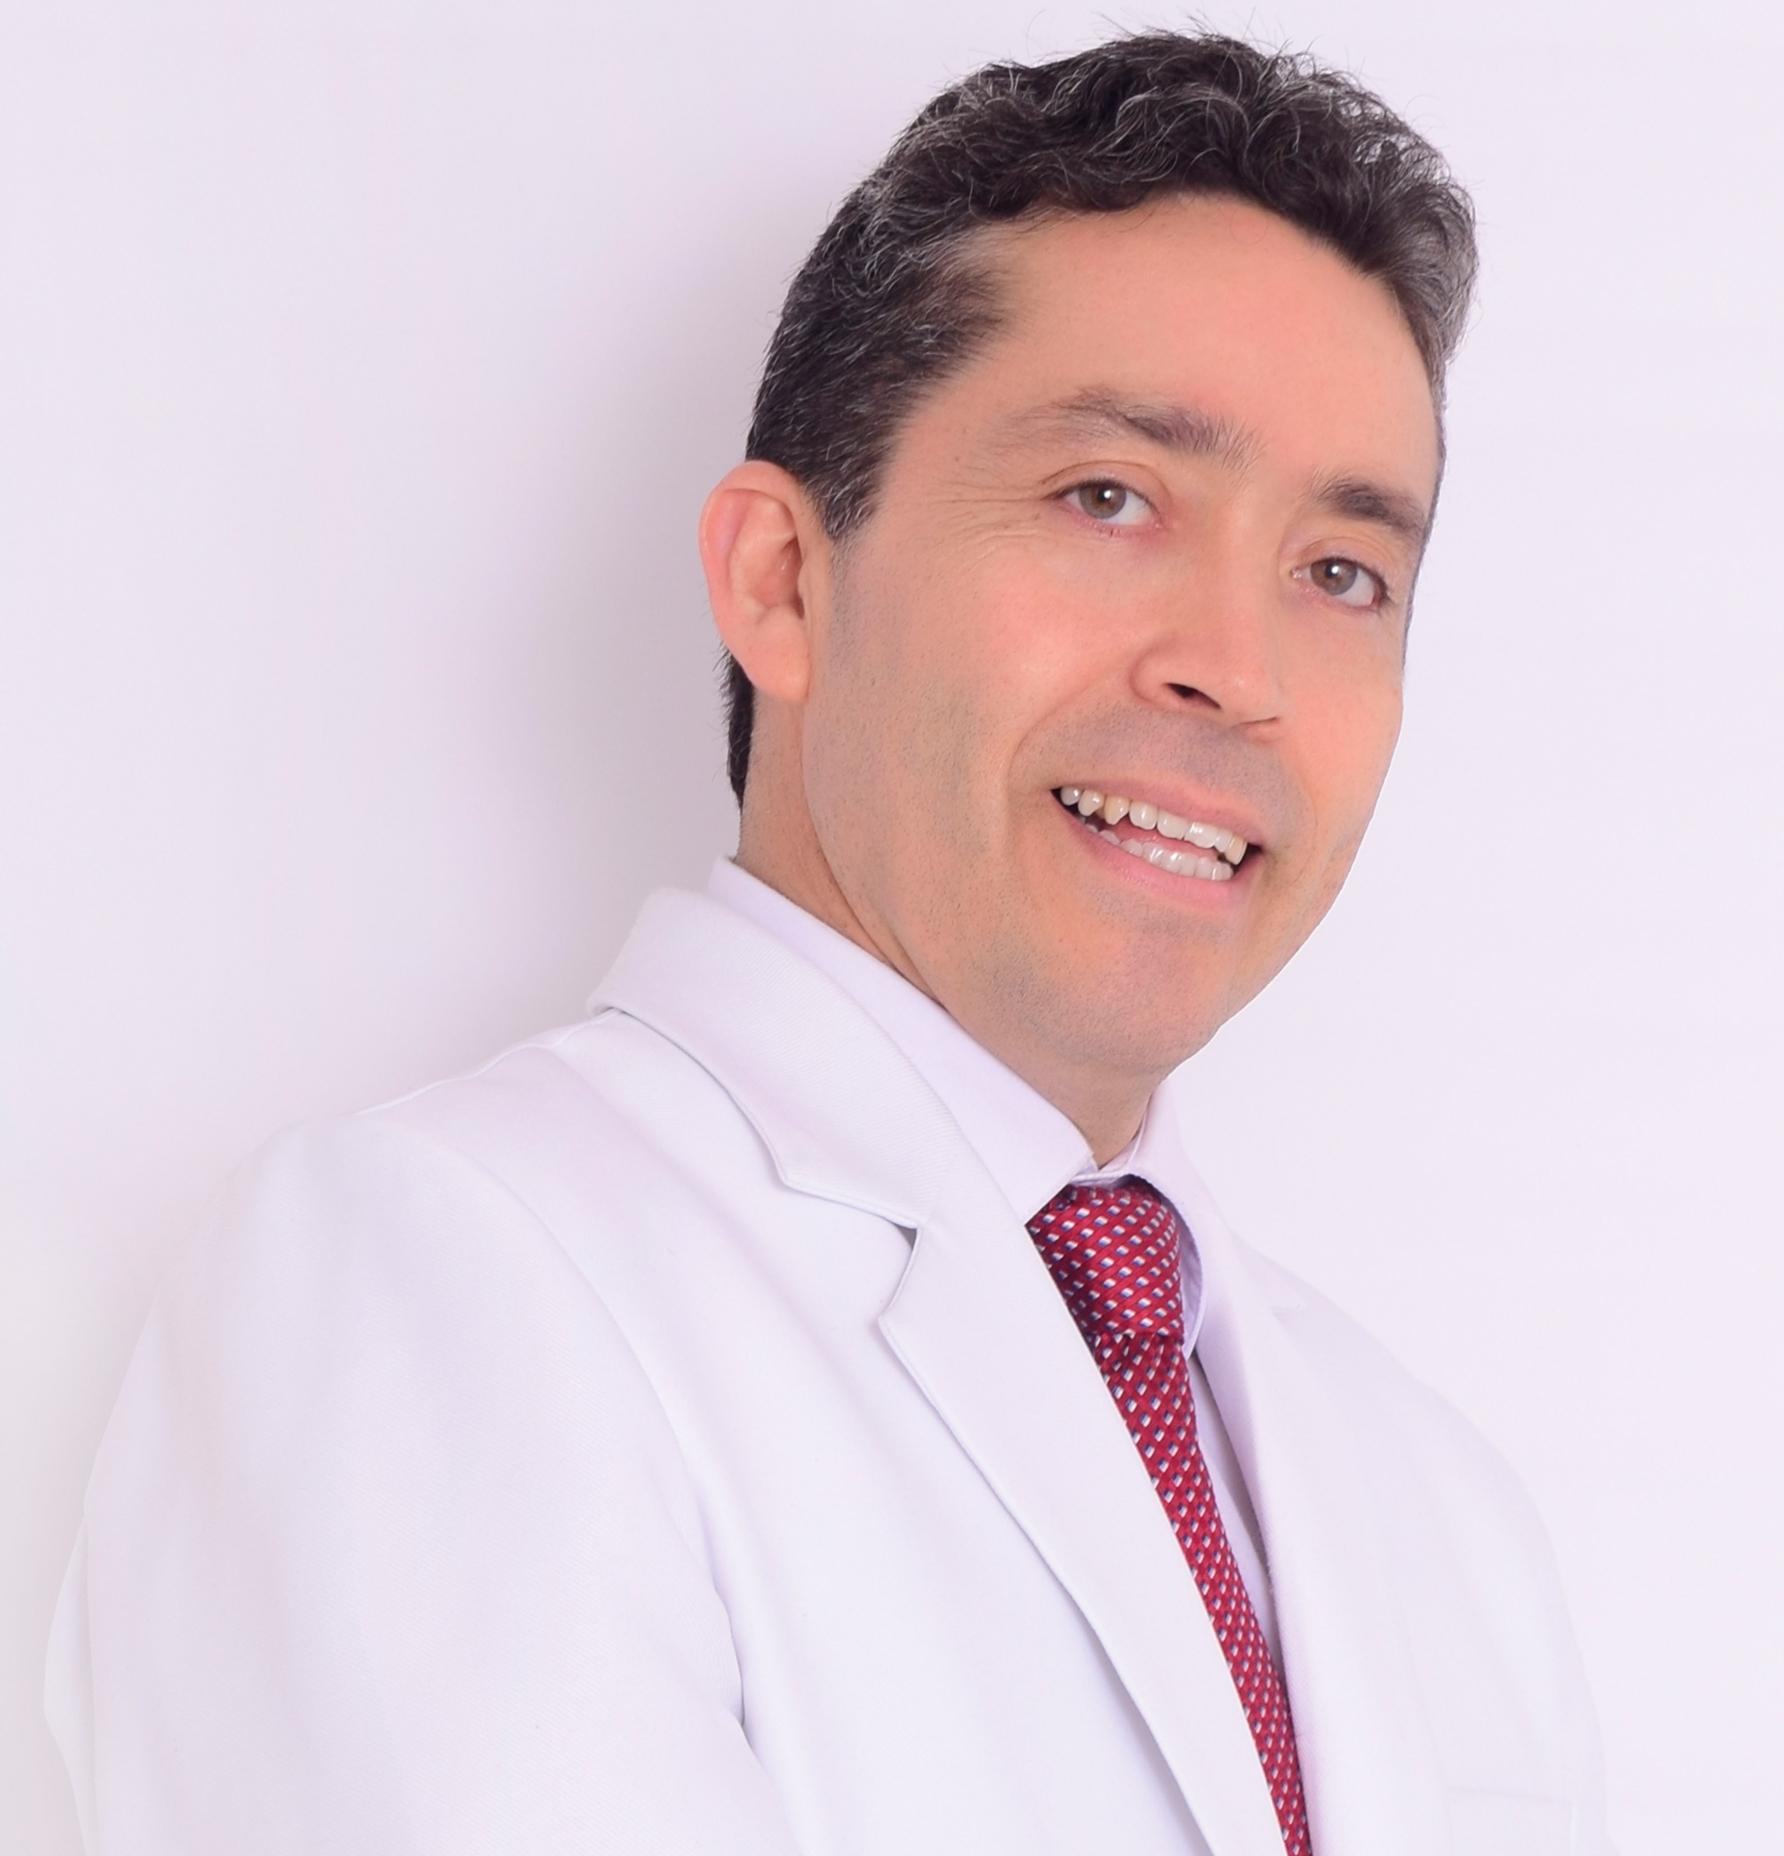 Dr. Ronald Espinoza Gárcia